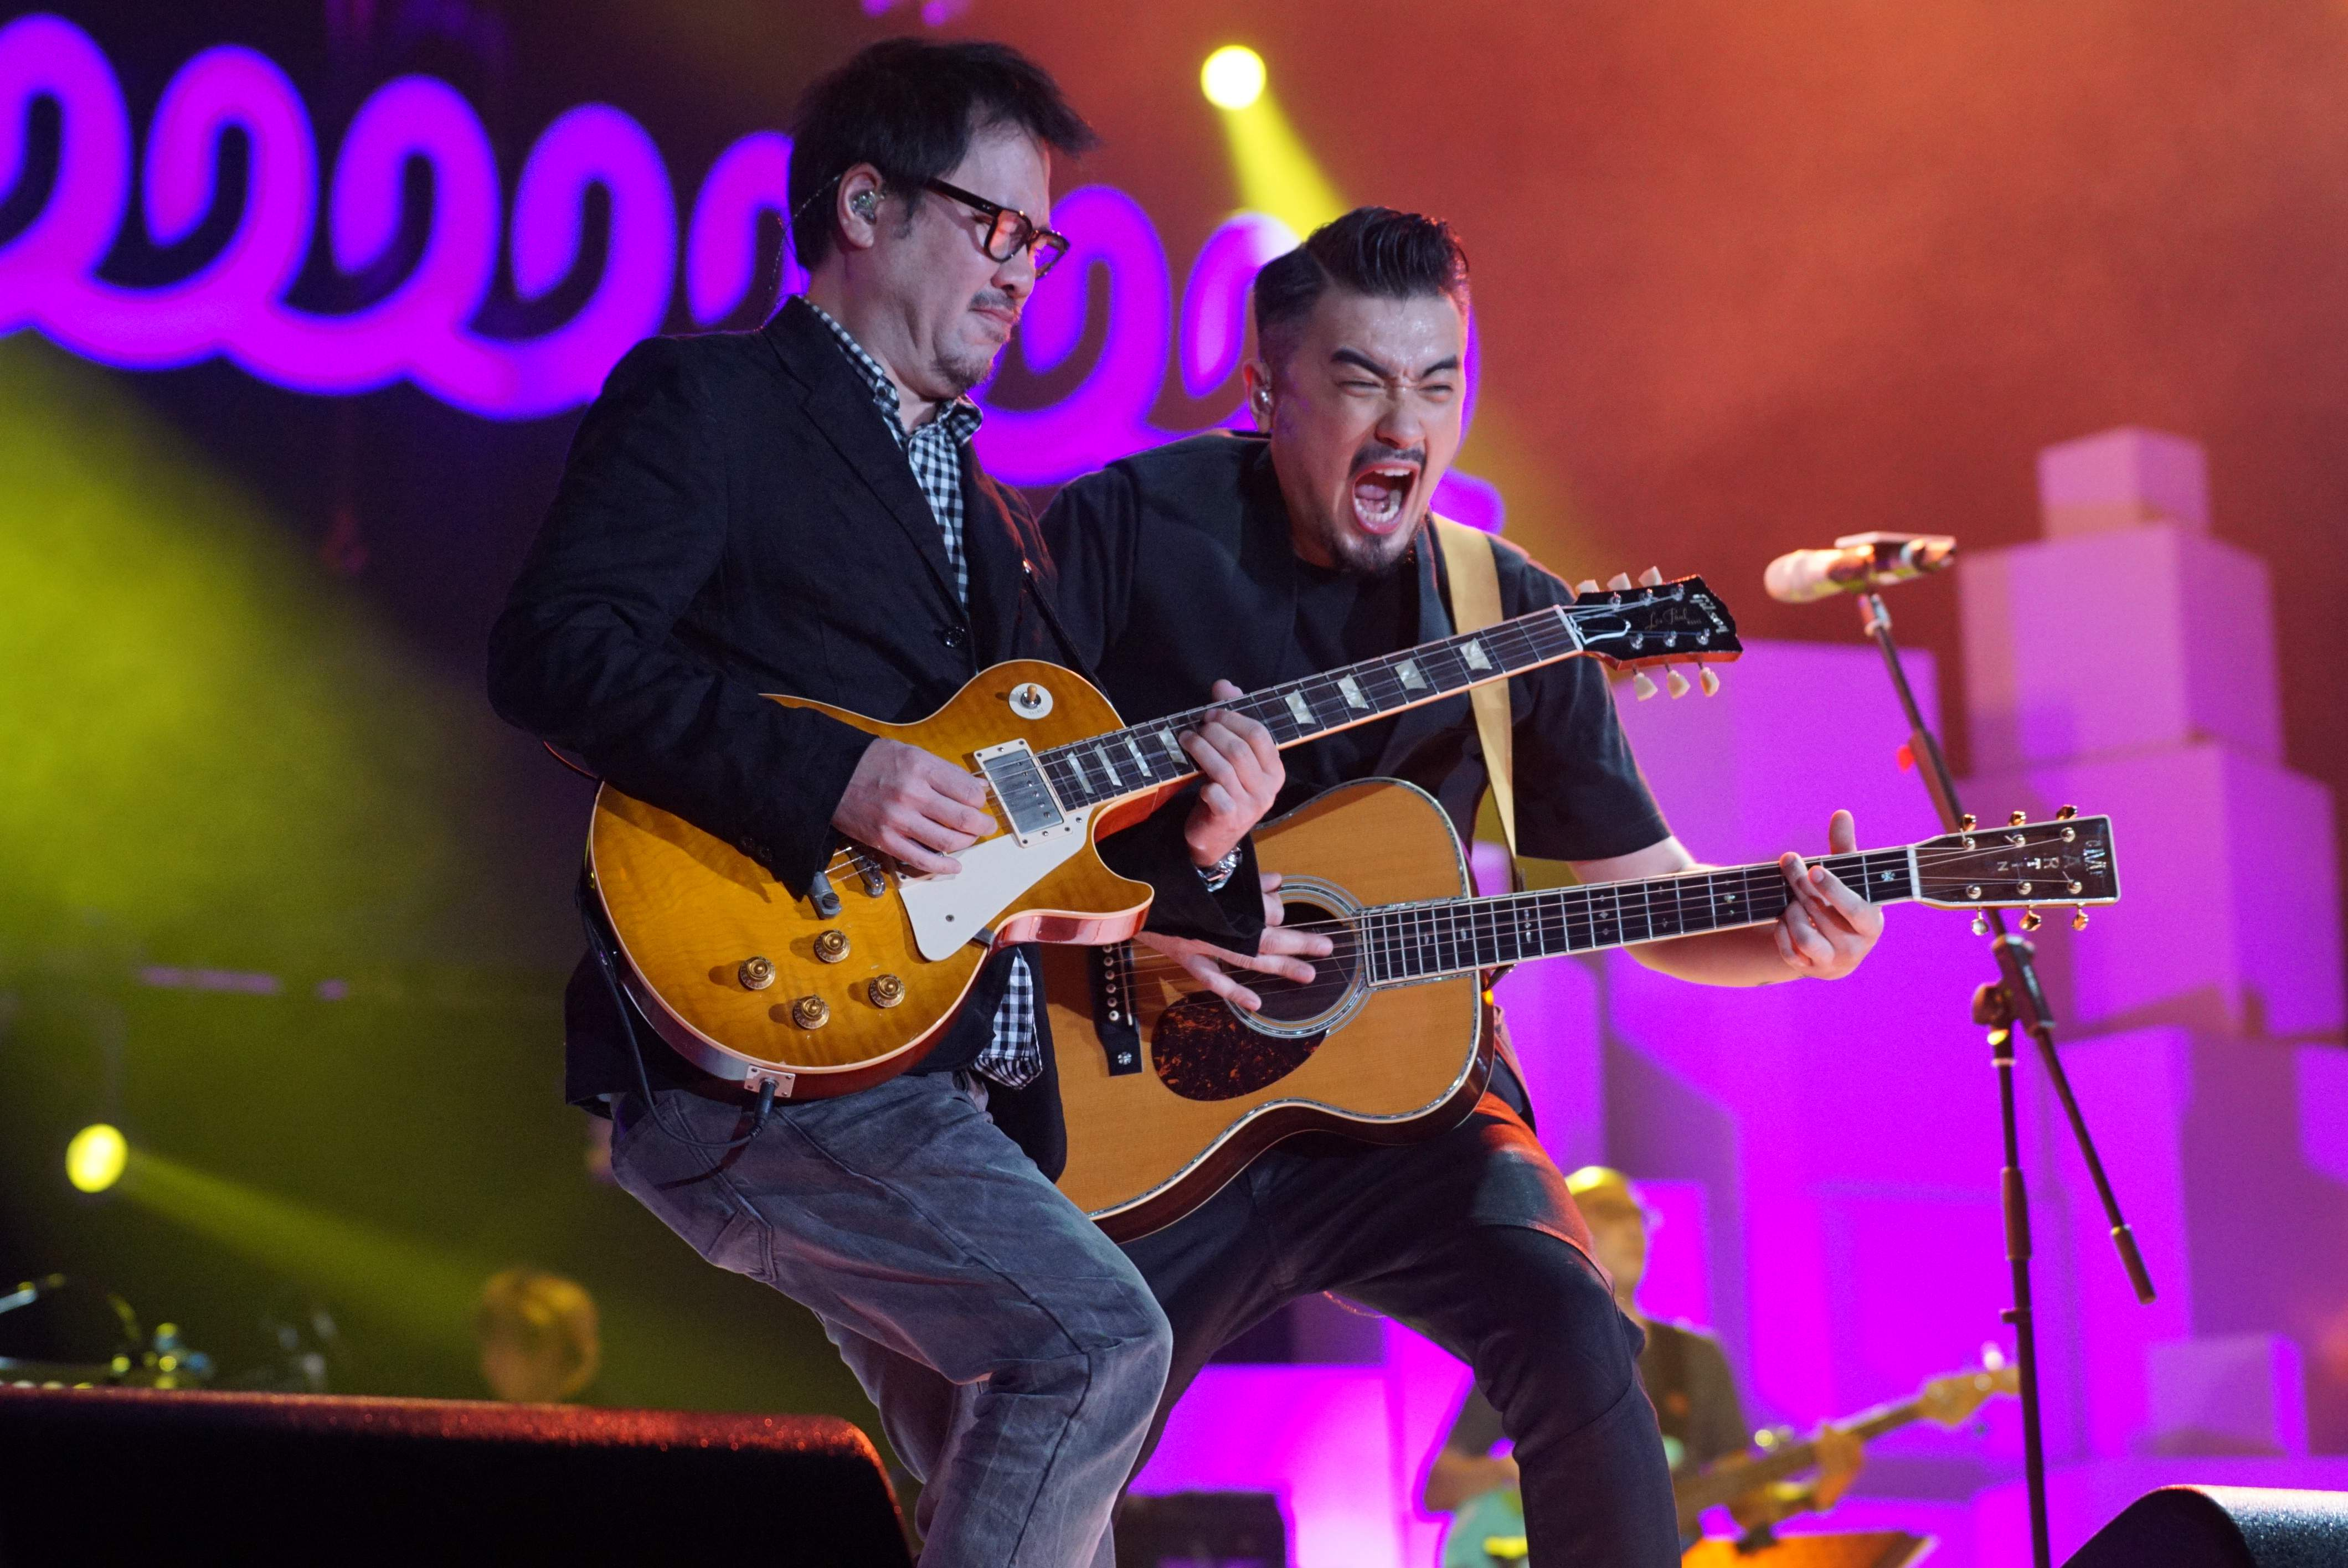 音樂人包以正(左)以特別嘉賓身份,與恭碩良齊齊jam歌。